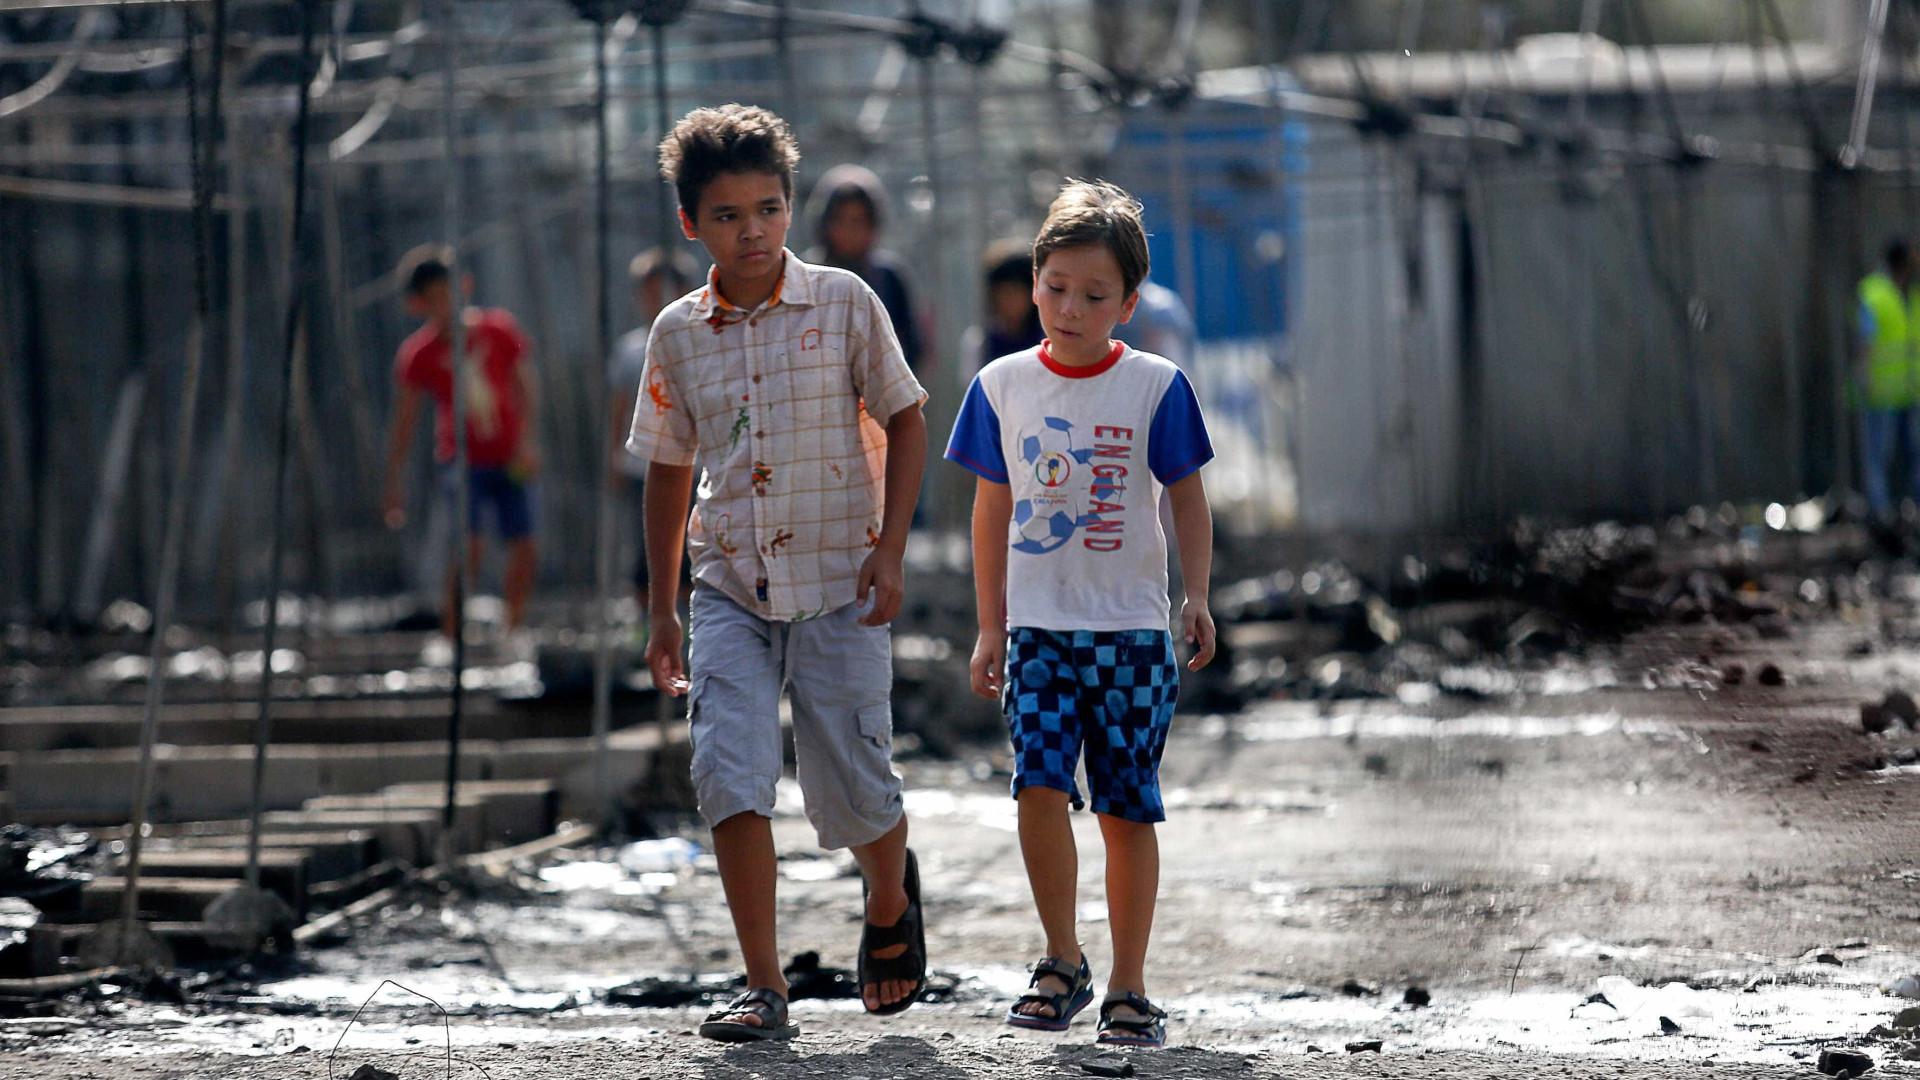 Europa com mais pobres do que em 2010 e 23 milhões são crianças